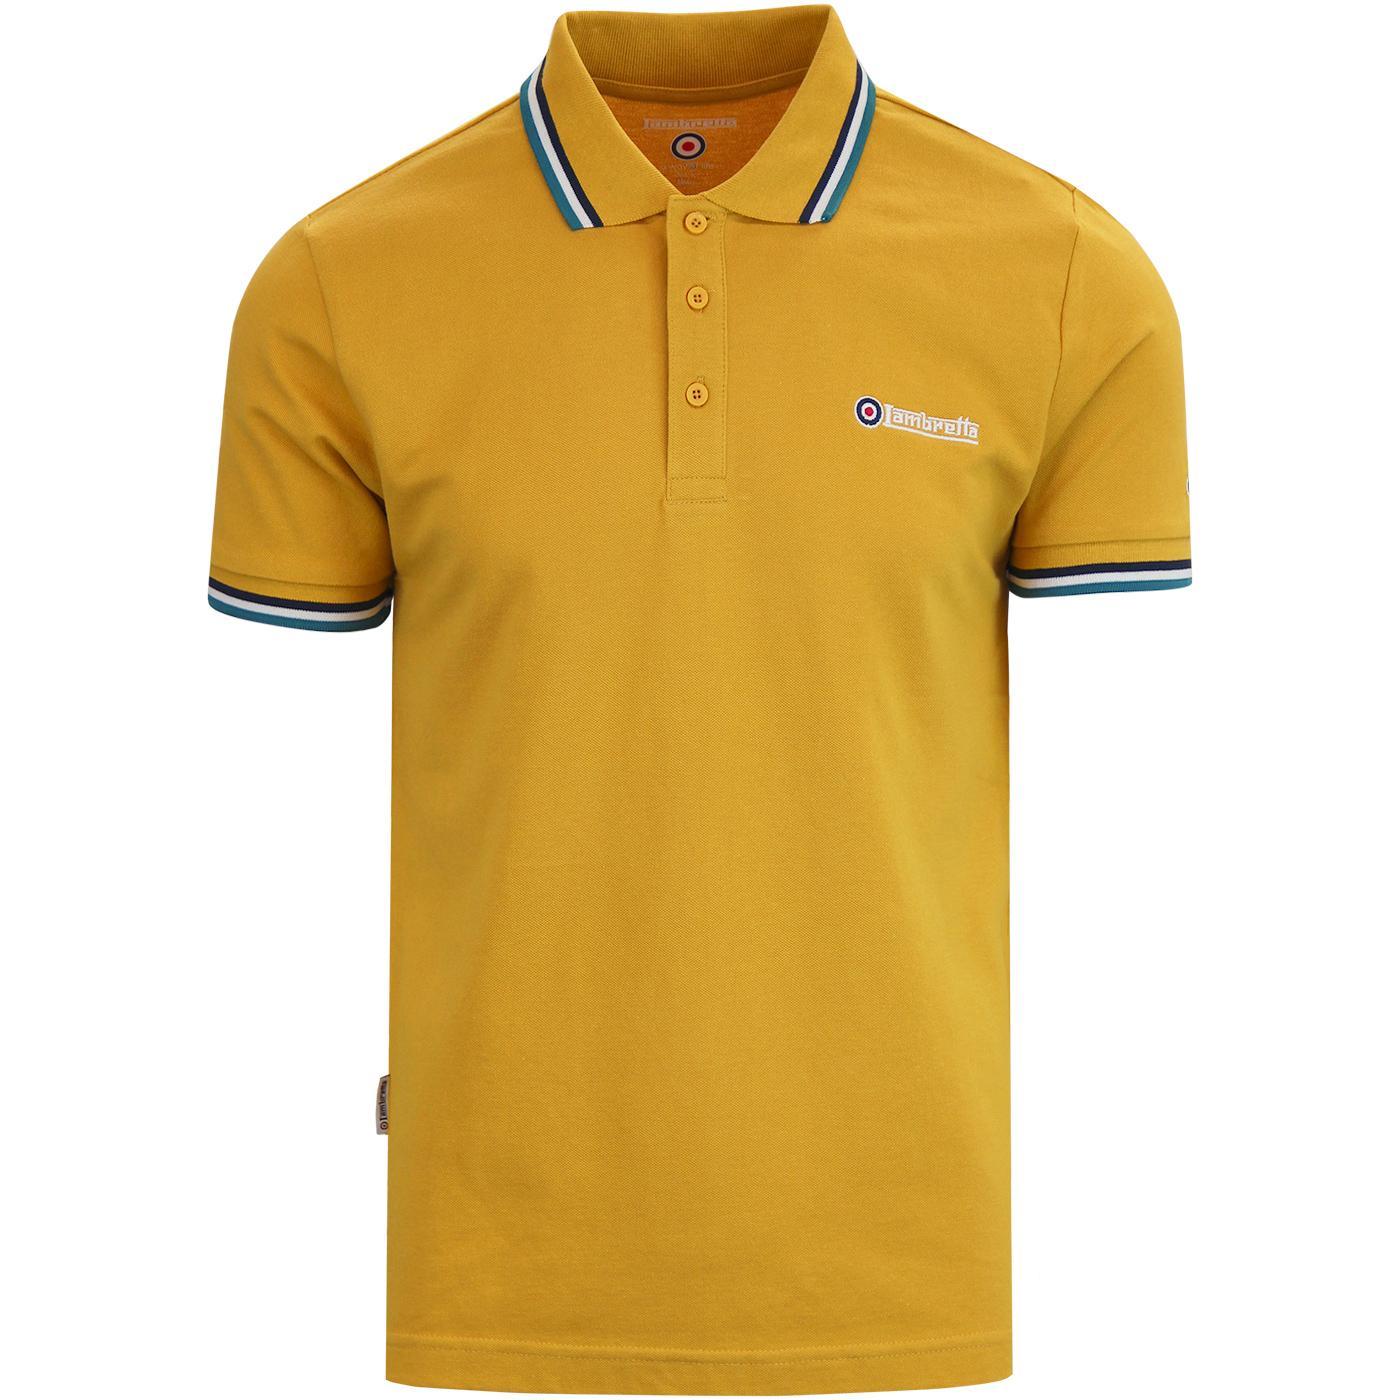 LAMBRETTA Triple Tipped Mod Pique Polo Shirt GOLD